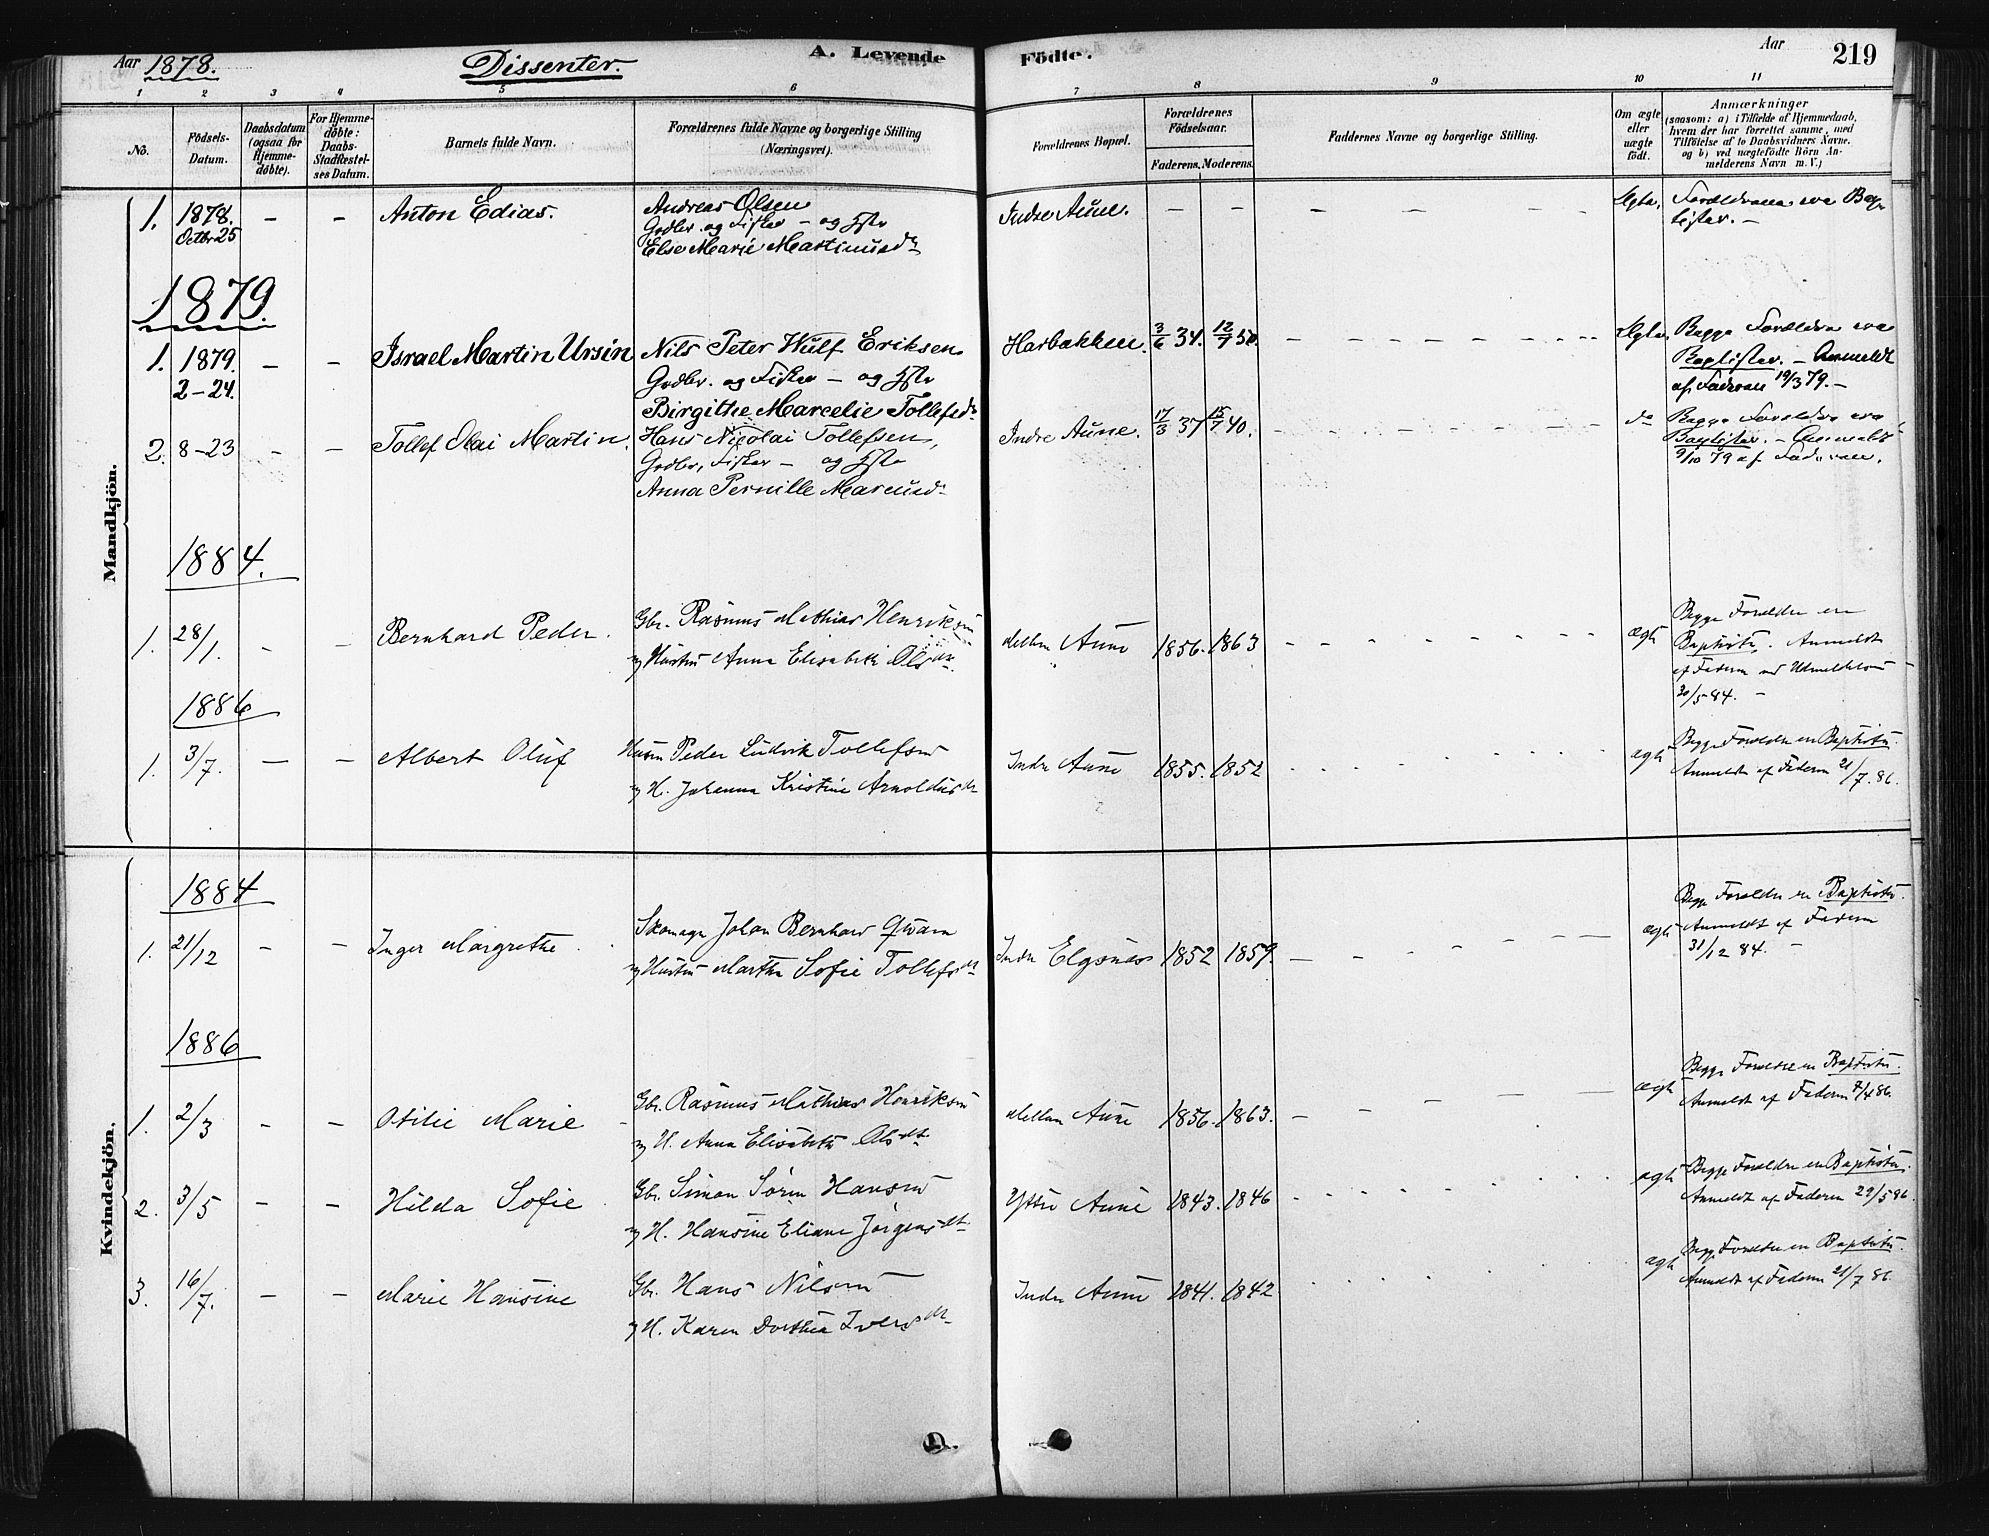 SATØ, Trondenes sokneprestkontor, H/Ha/L0014kirke: Ministerialbok nr. 14, 1878-1889, s. 219